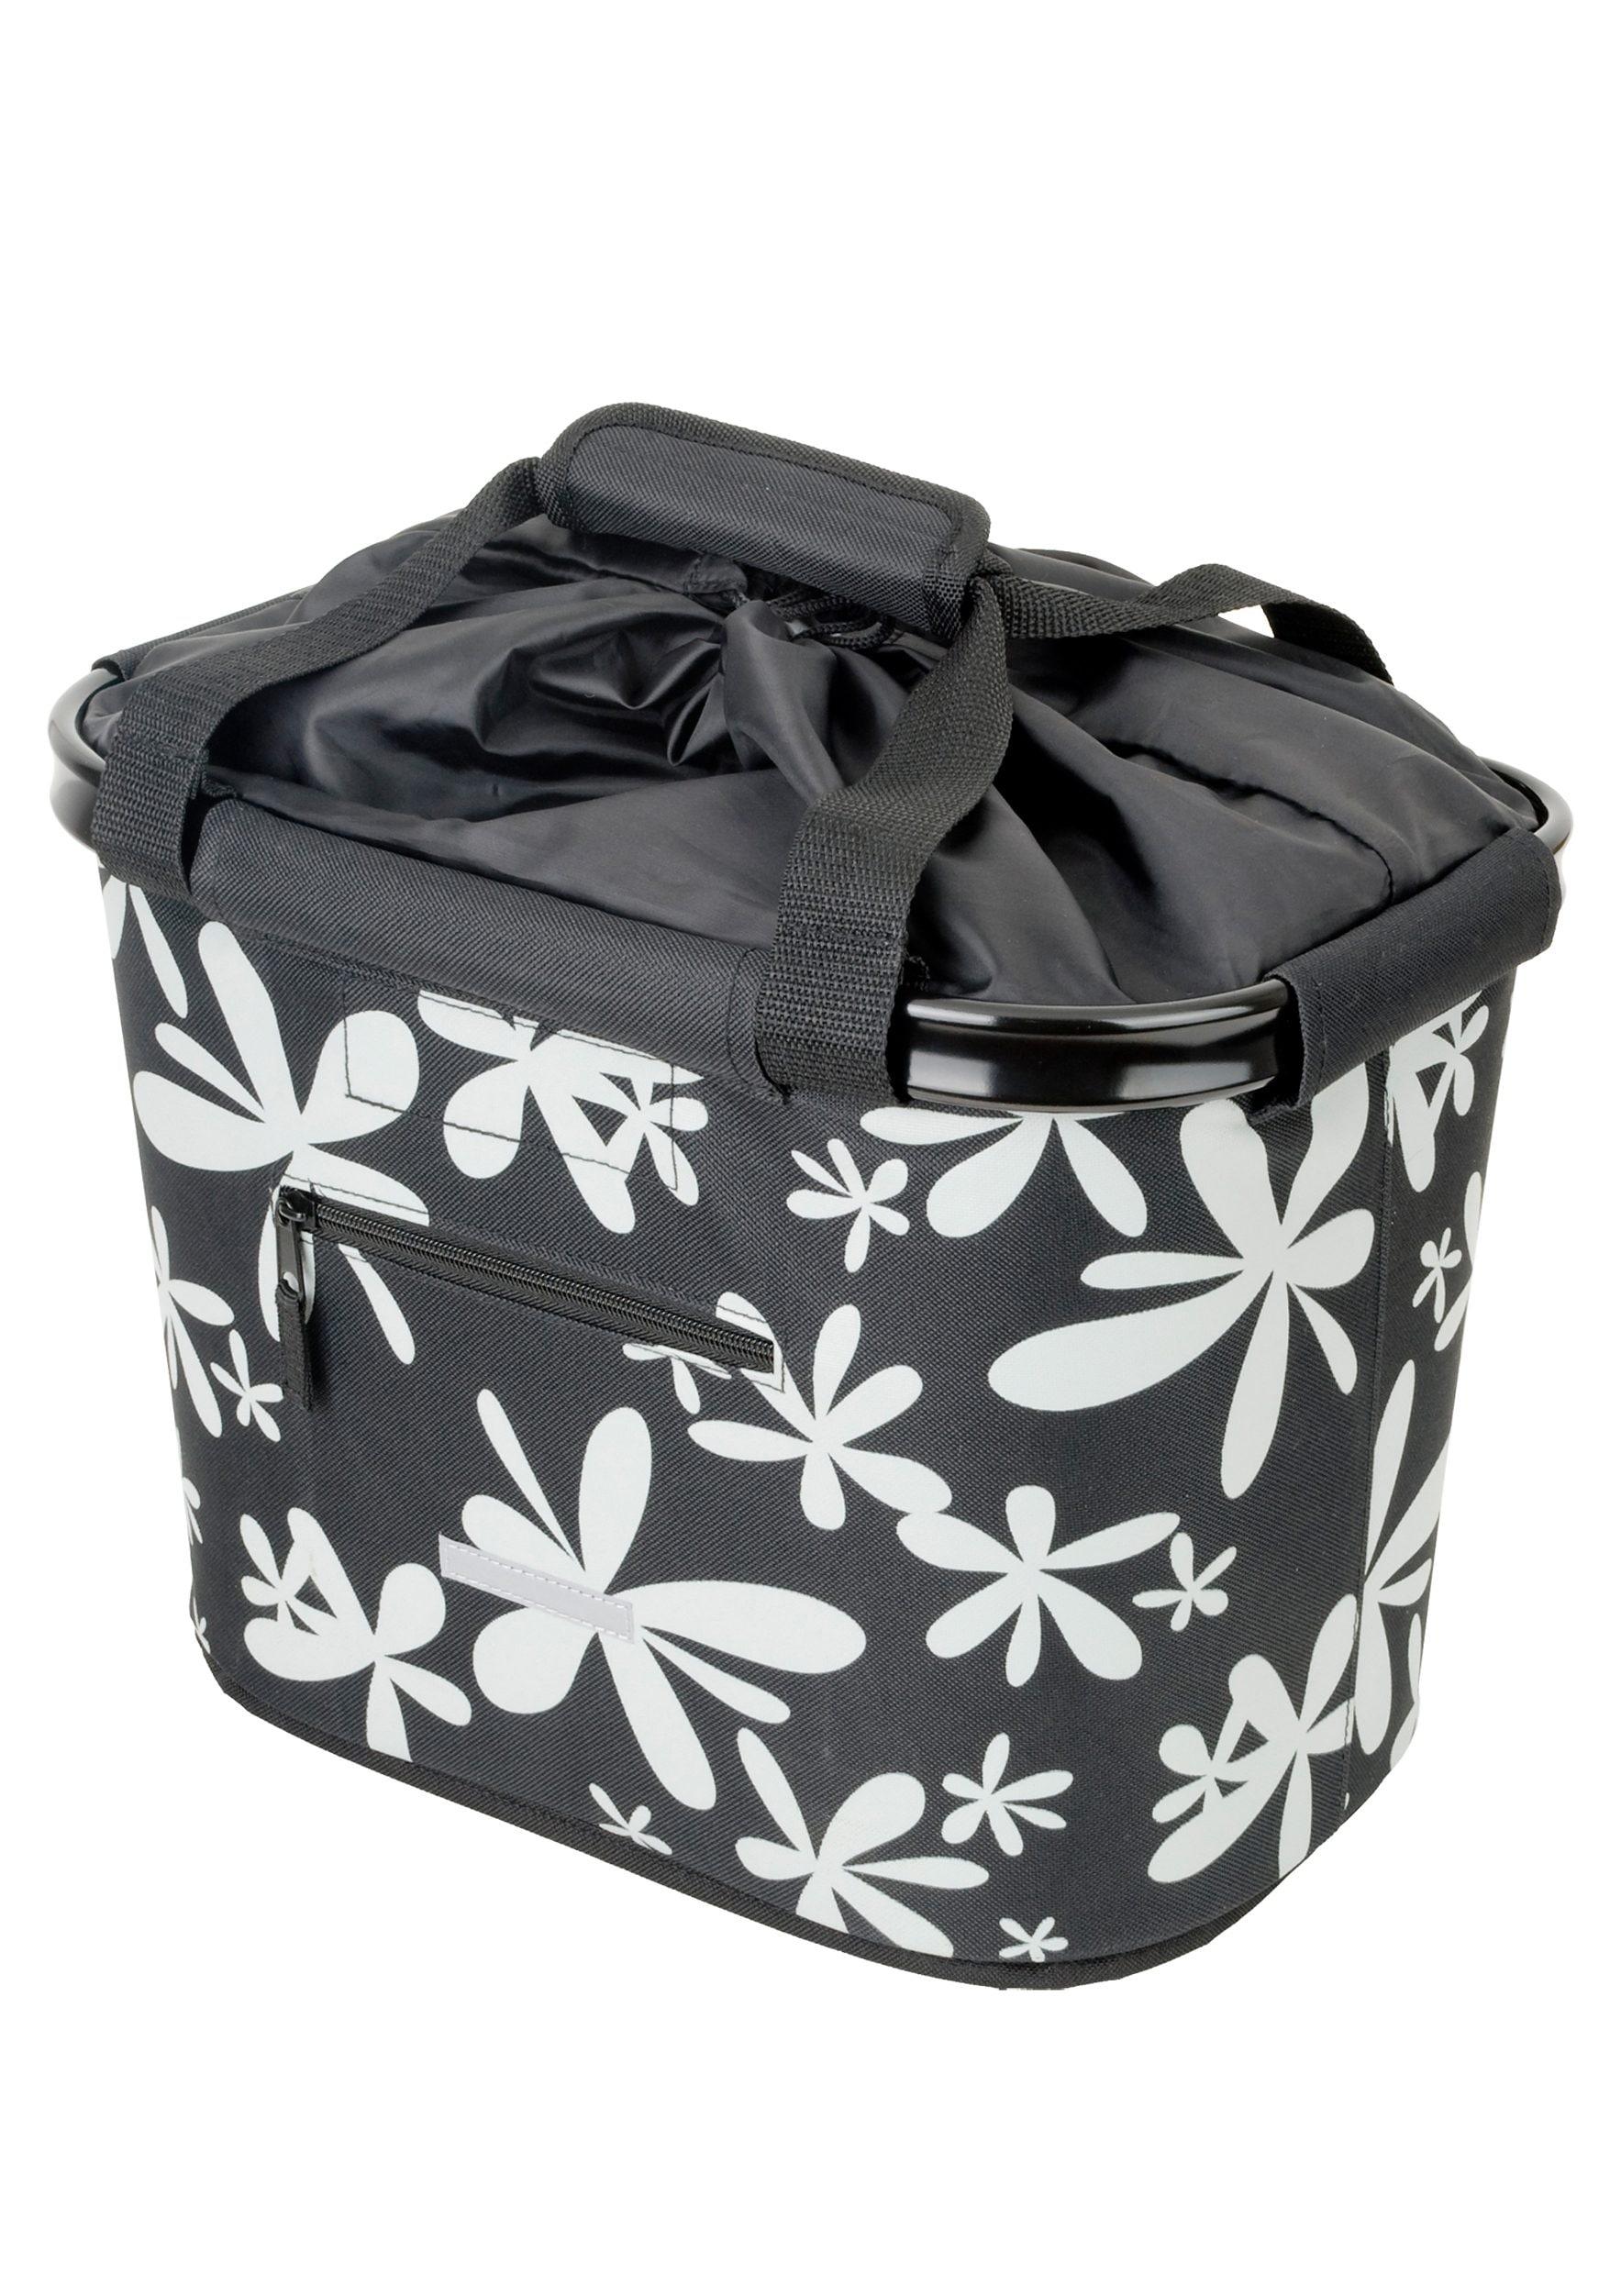 Blue Bird Fahrradtasche »Shopping Bag Blume«   Taschen > Businesstaschen > Fahrrad-taschen Büro   Schwarz   Pe   BLUE BIRD